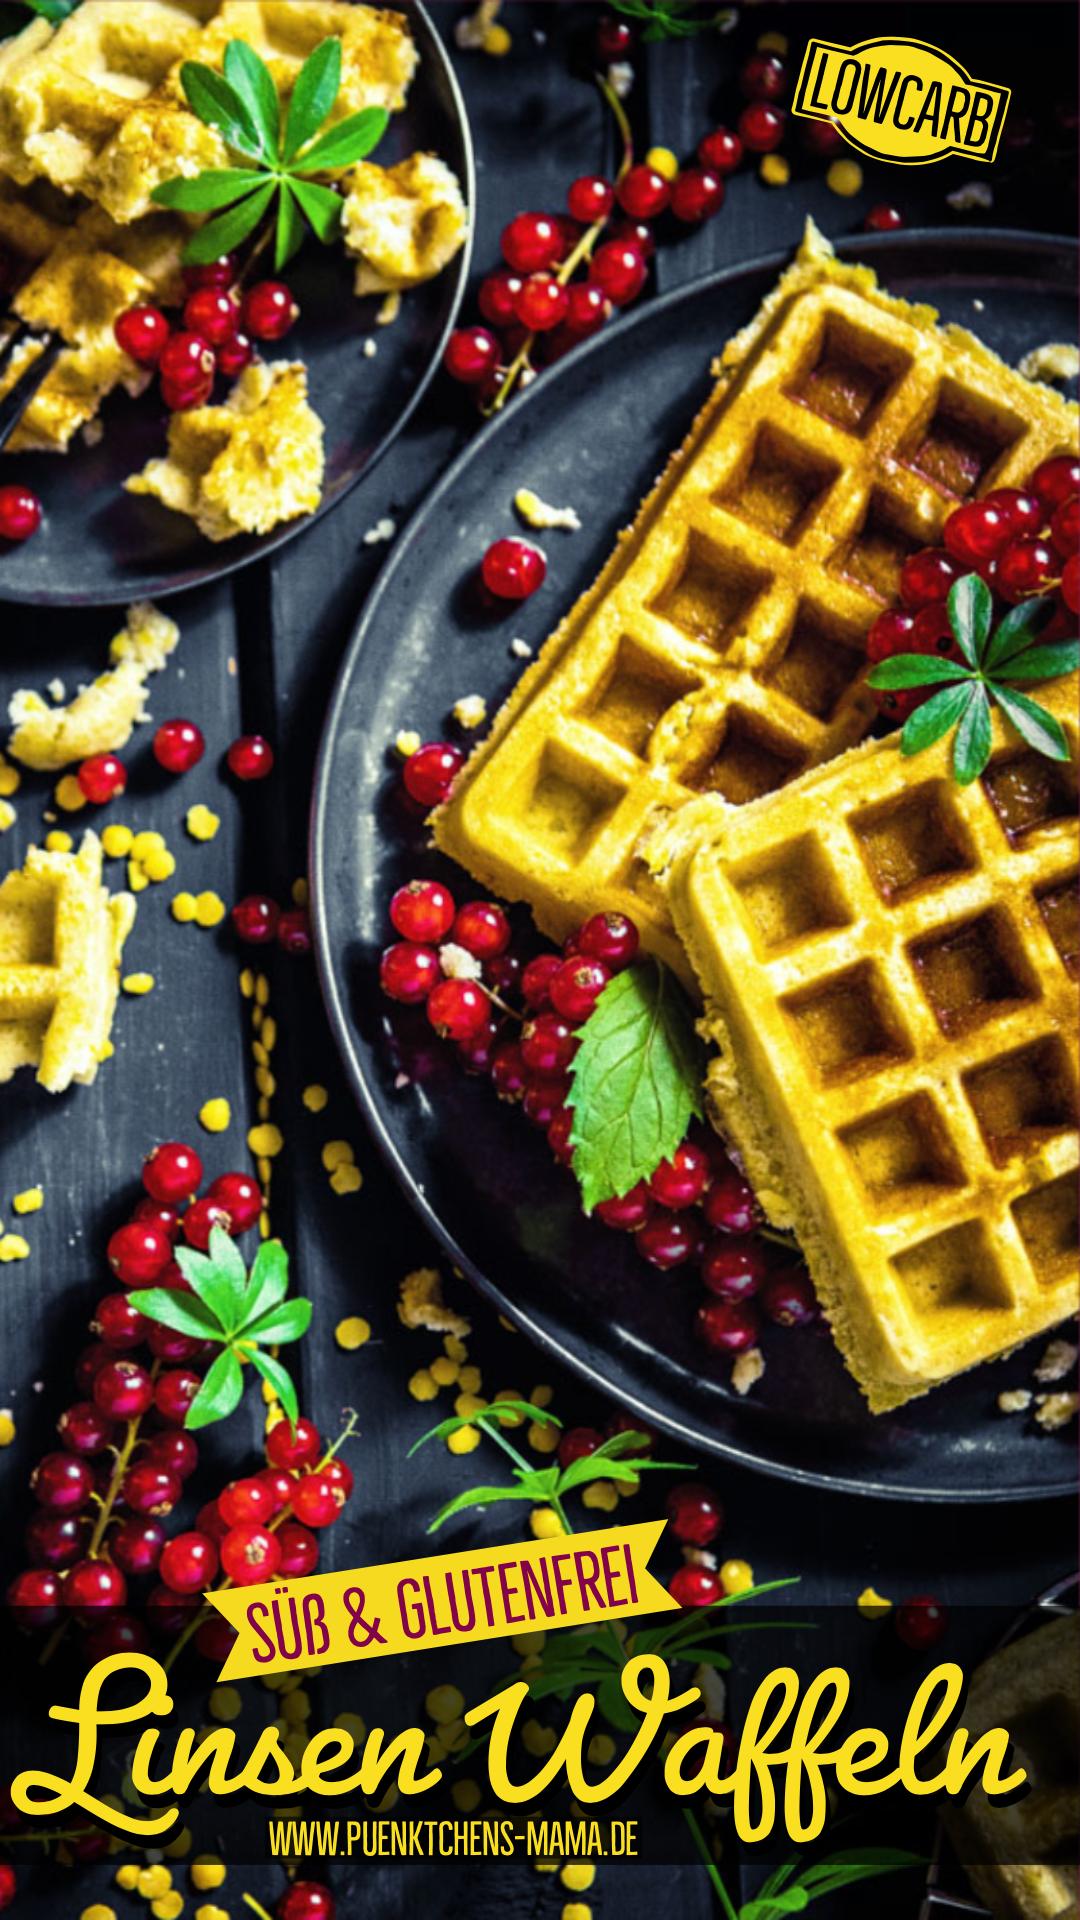 Gelbe-Linsen-Waffeln Lowcarb gluteinfrei einfaches rezept